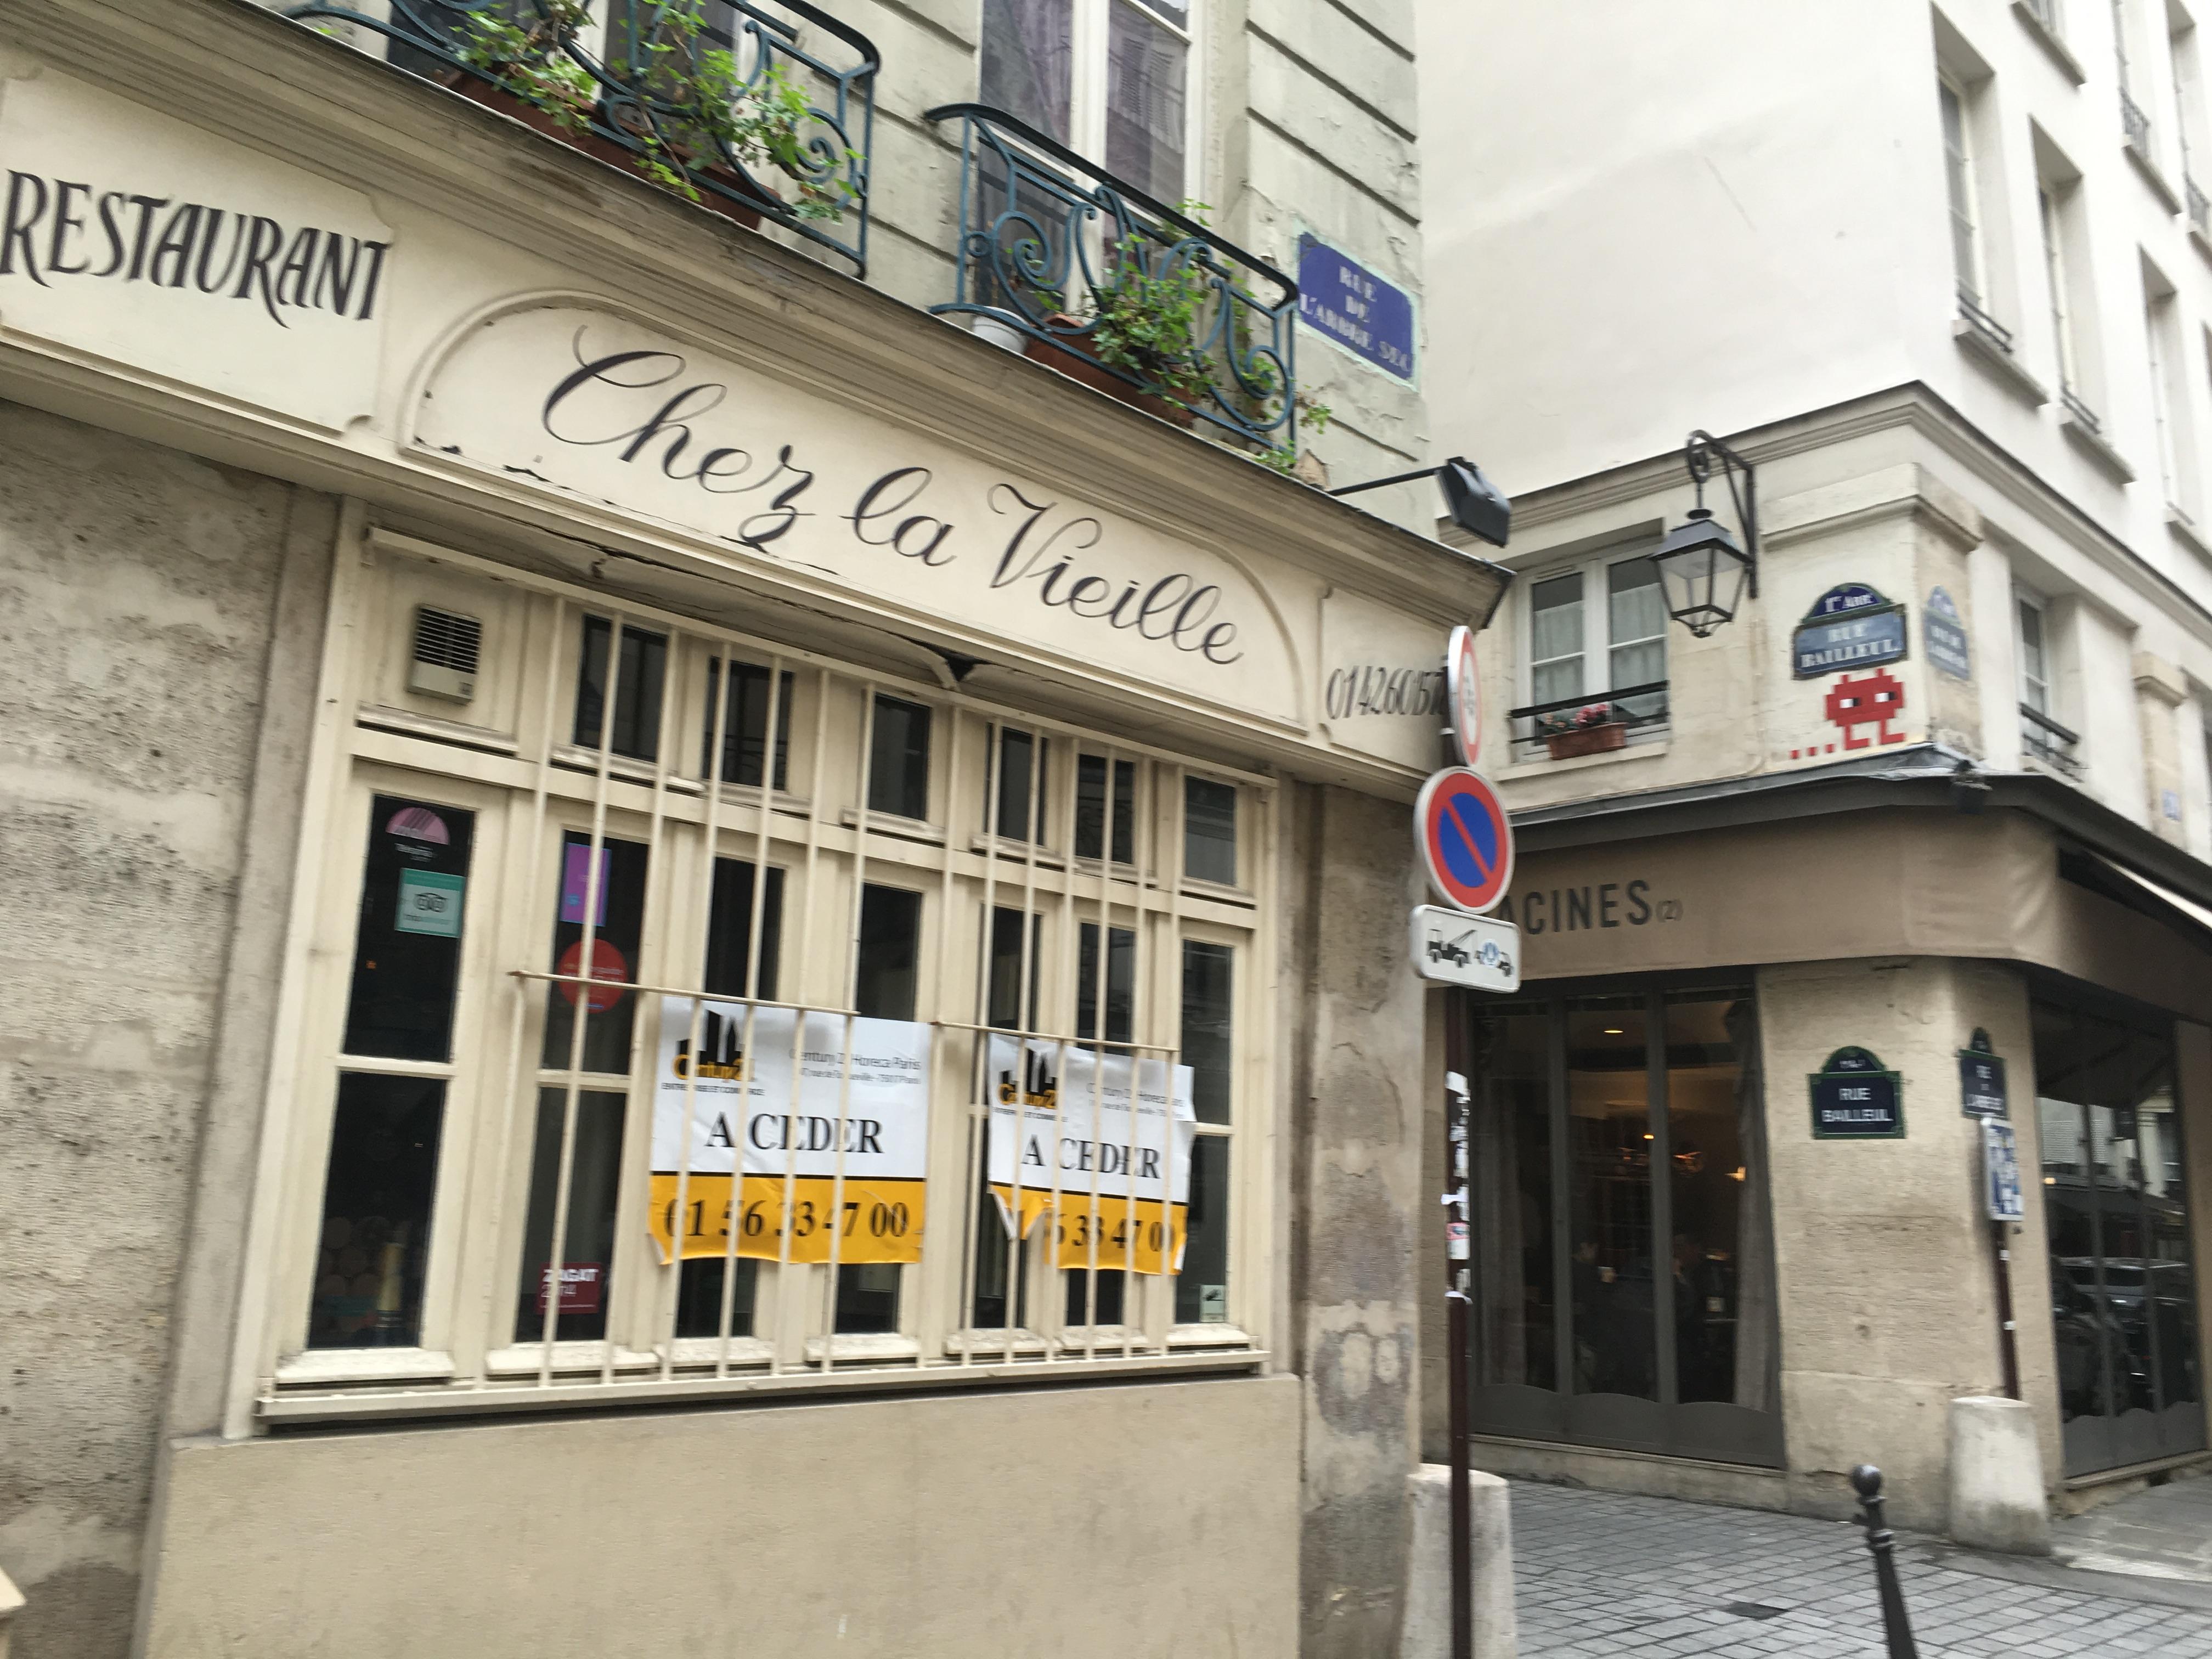 Chez la Vieille in Paris from Daniel Rose   parisbymouth.com